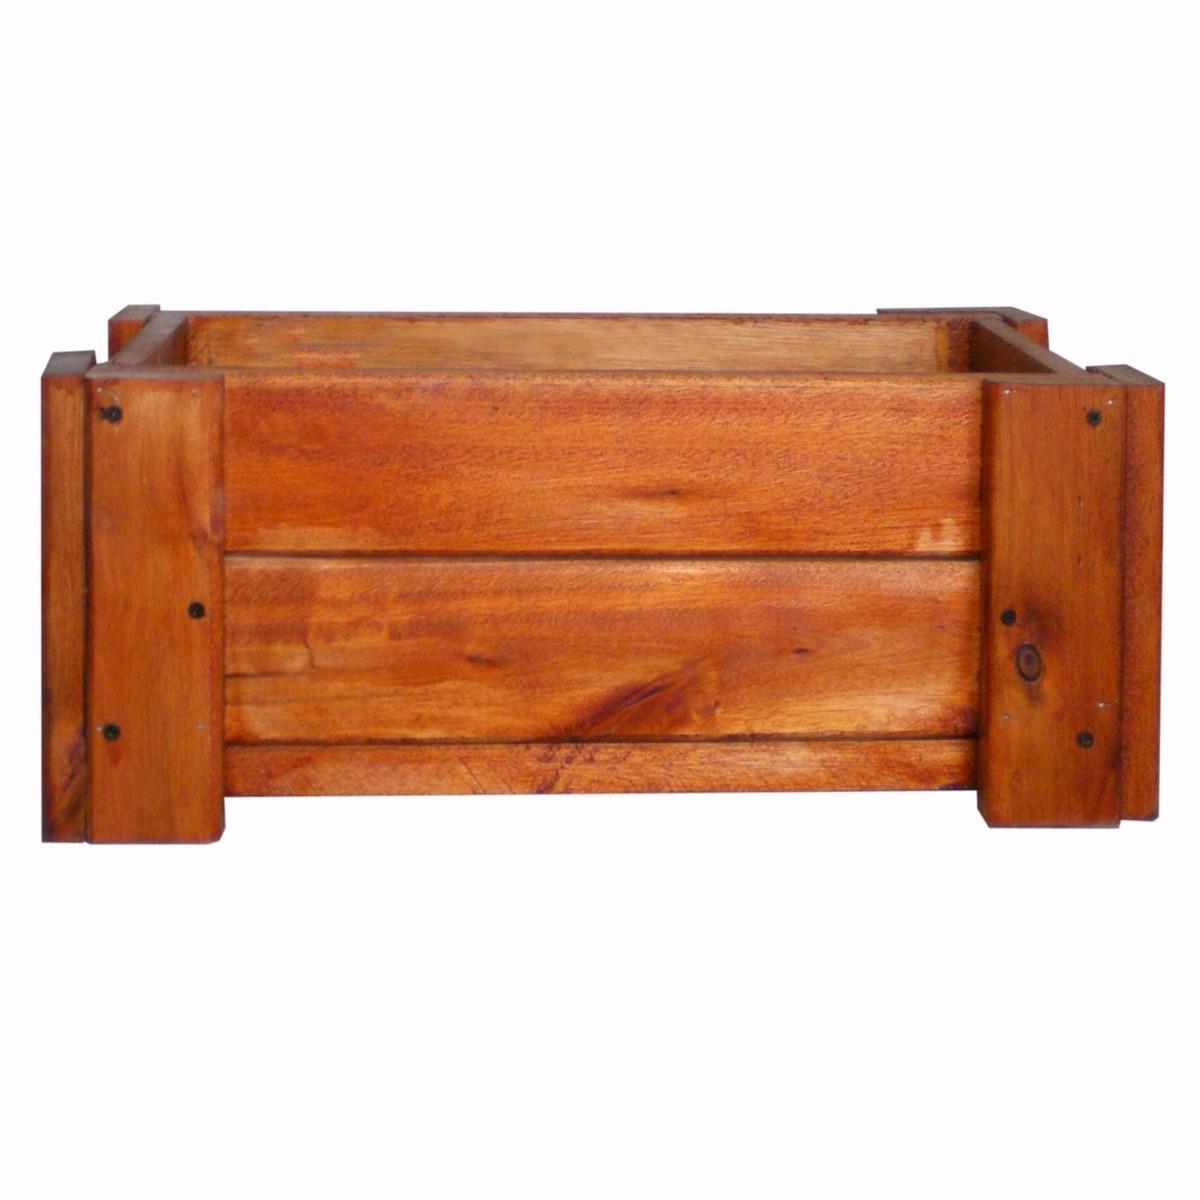 Macetas madera exterior trendy maceteros de madera with - Macetas de madera ...